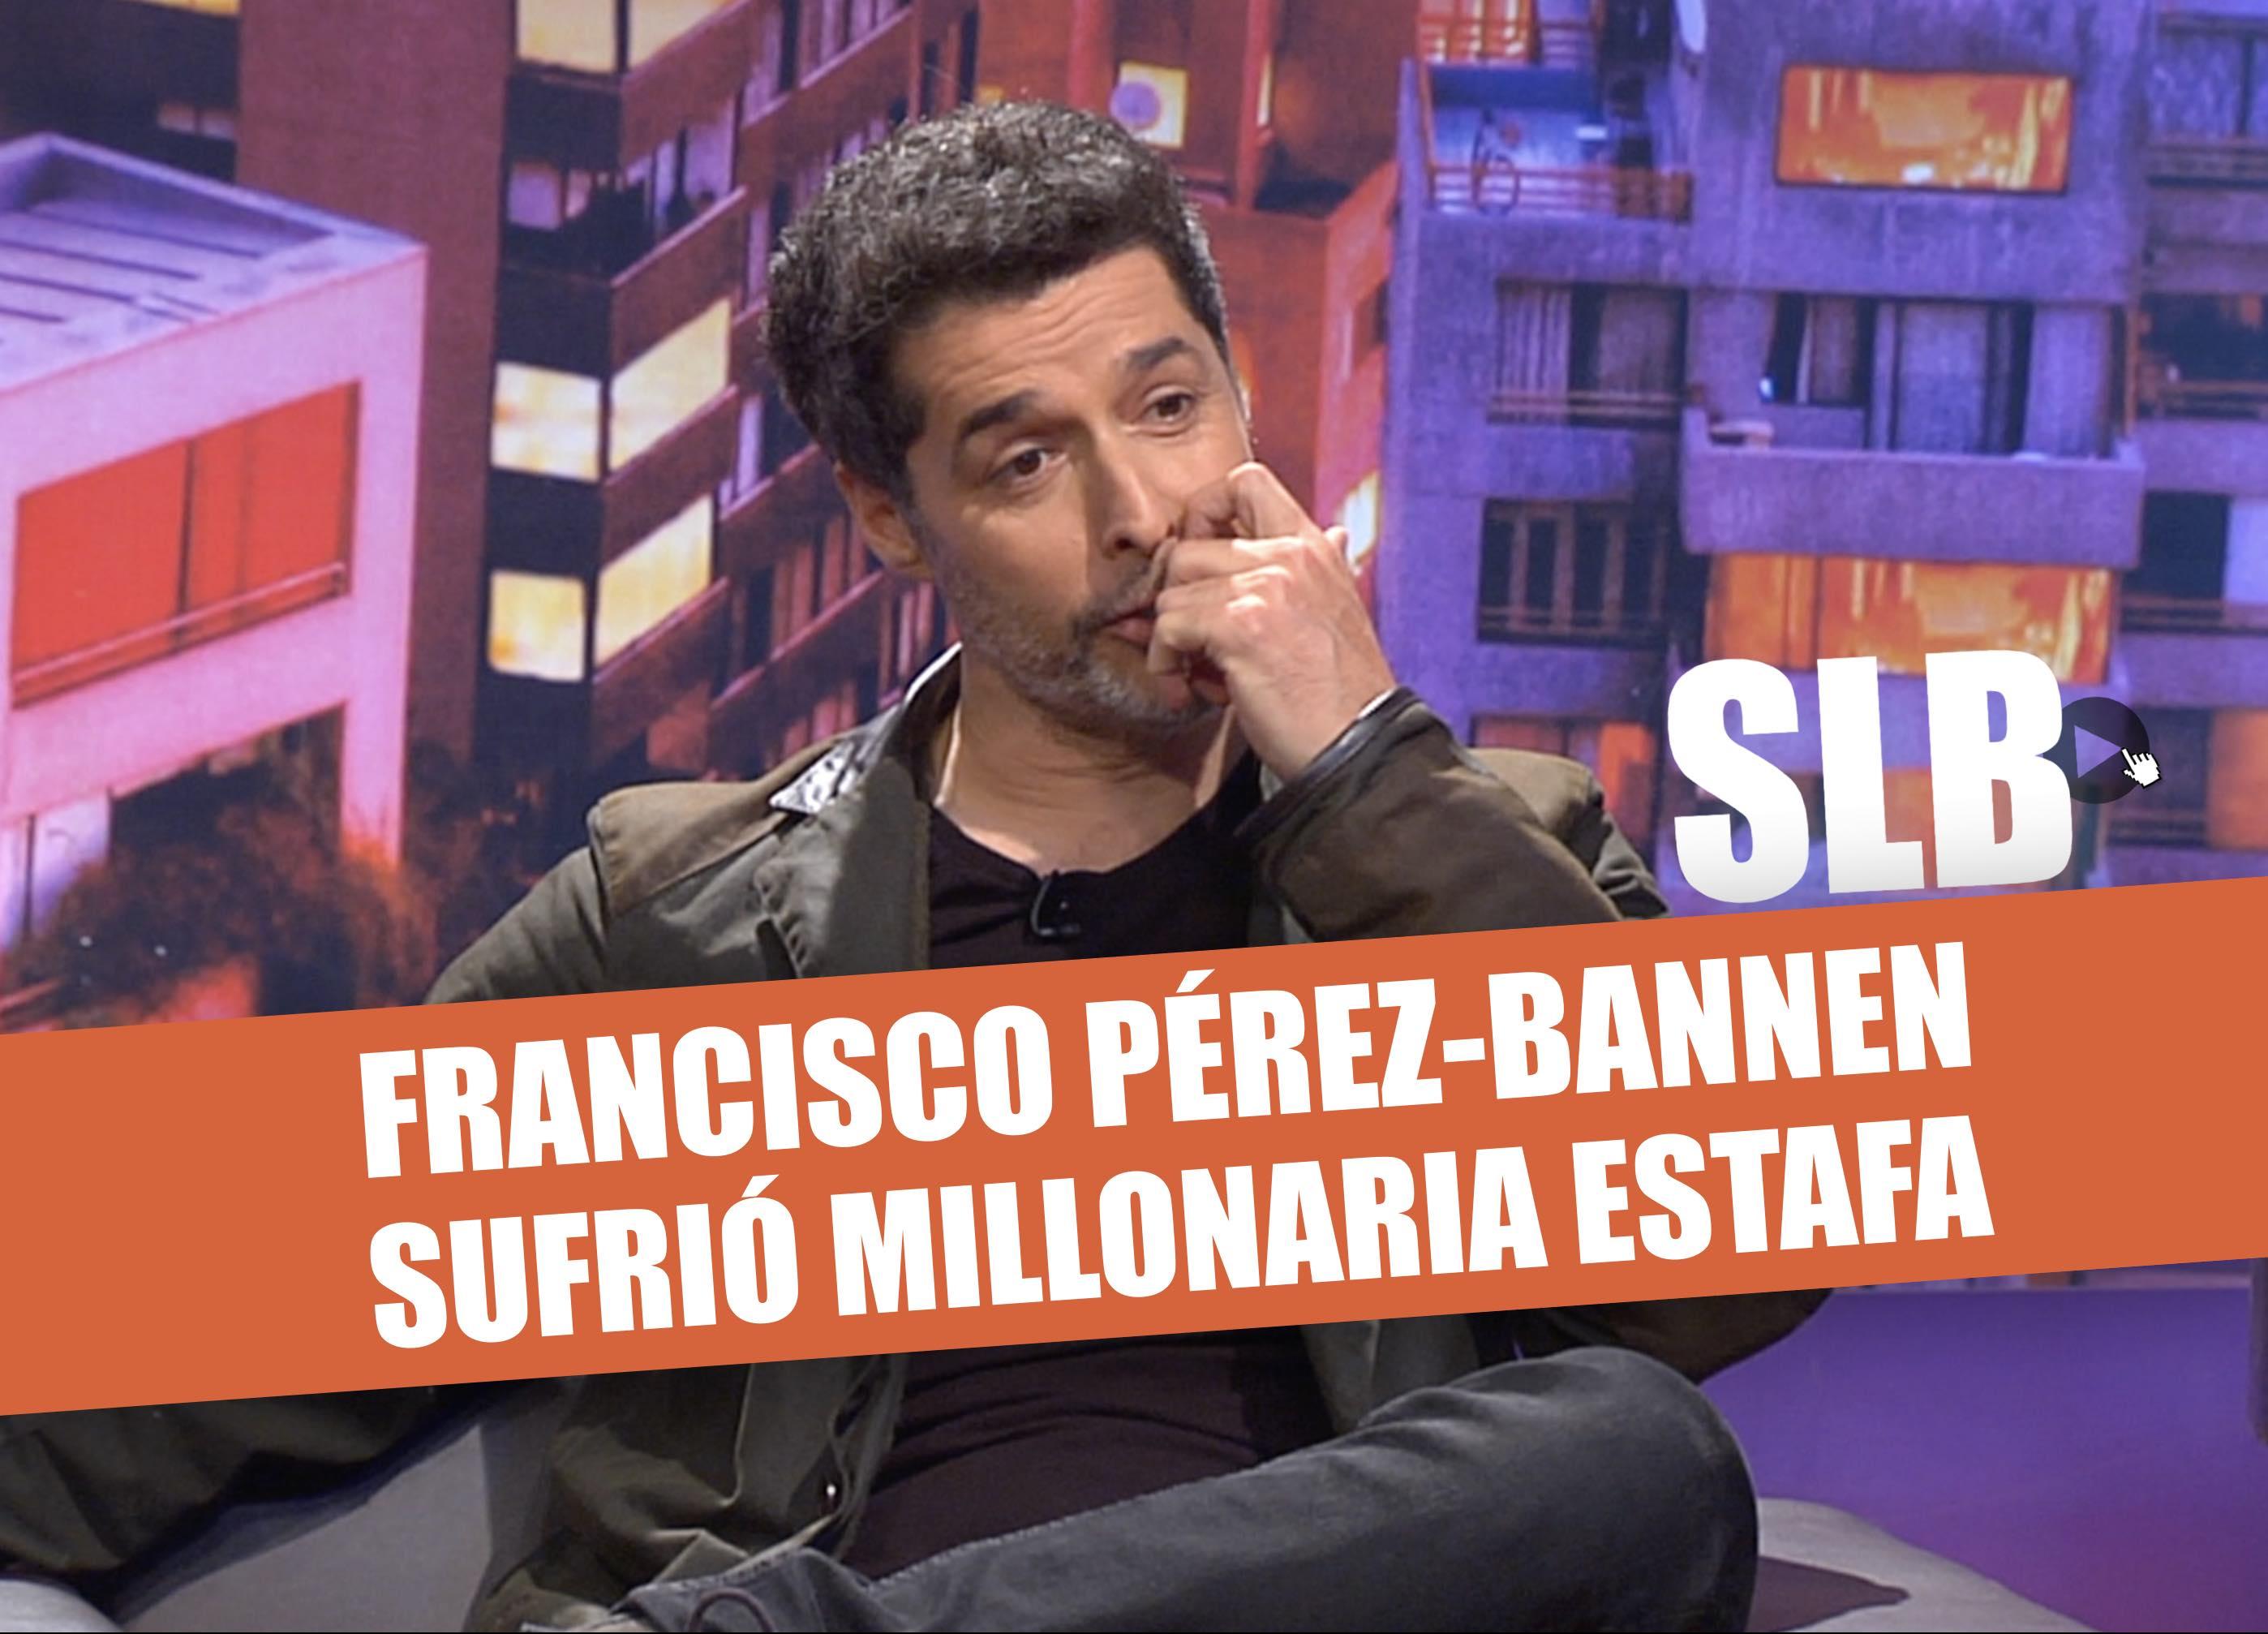 Francisco Pérez-Bannen revela la estafa que casi lo deja en la calle